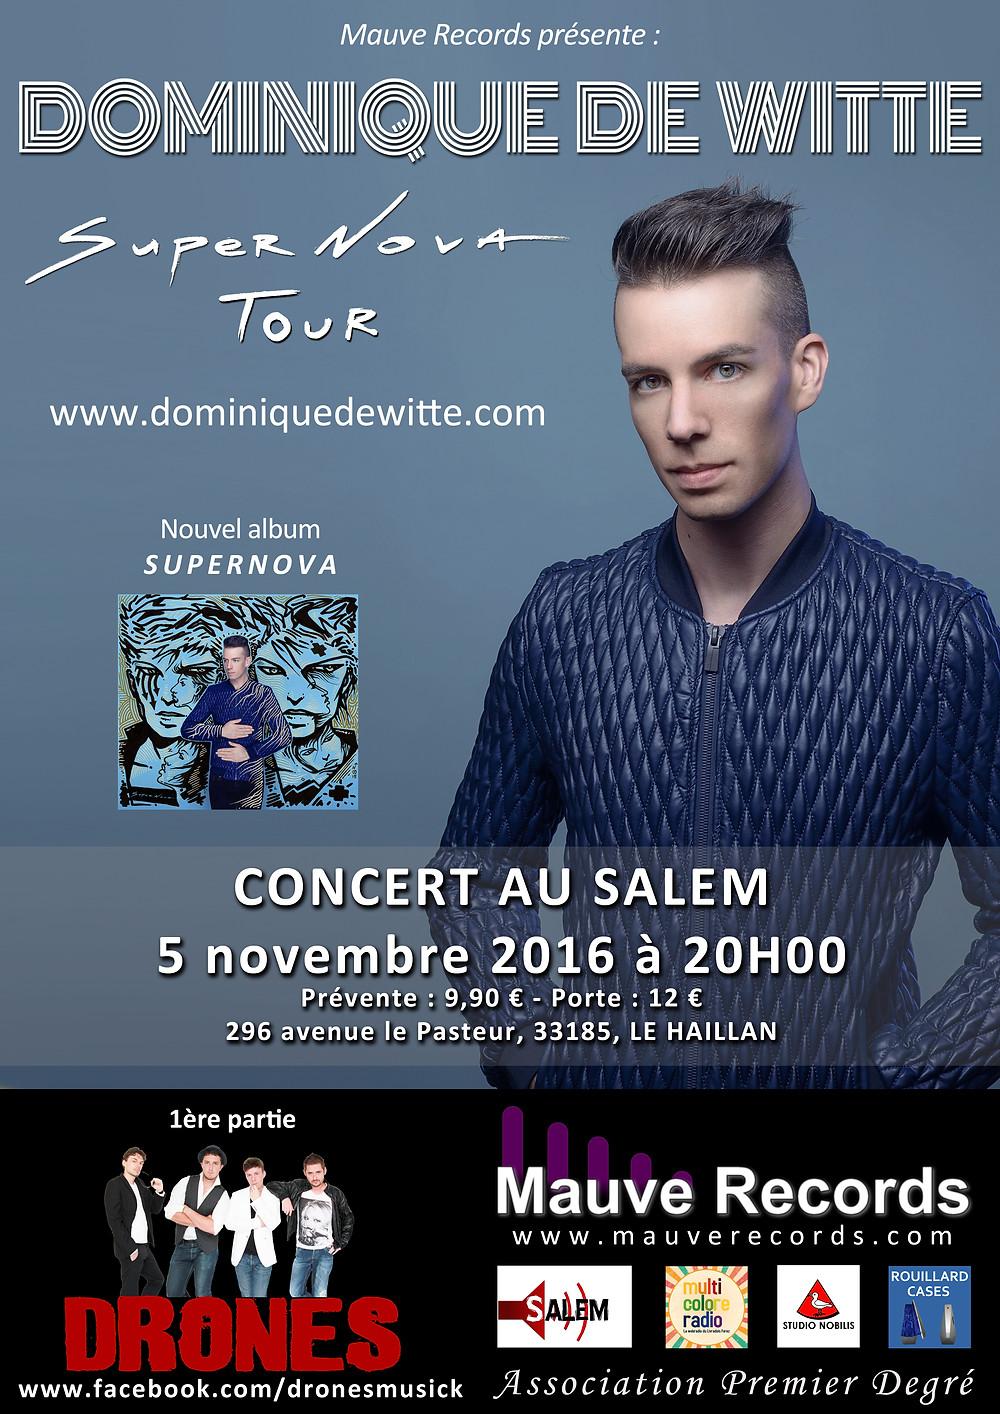 Dominique de Witte - CONCERT au SALEM - Le Haillan 33185 - SUPERNOVA TOUR - 1ere partie DRONES